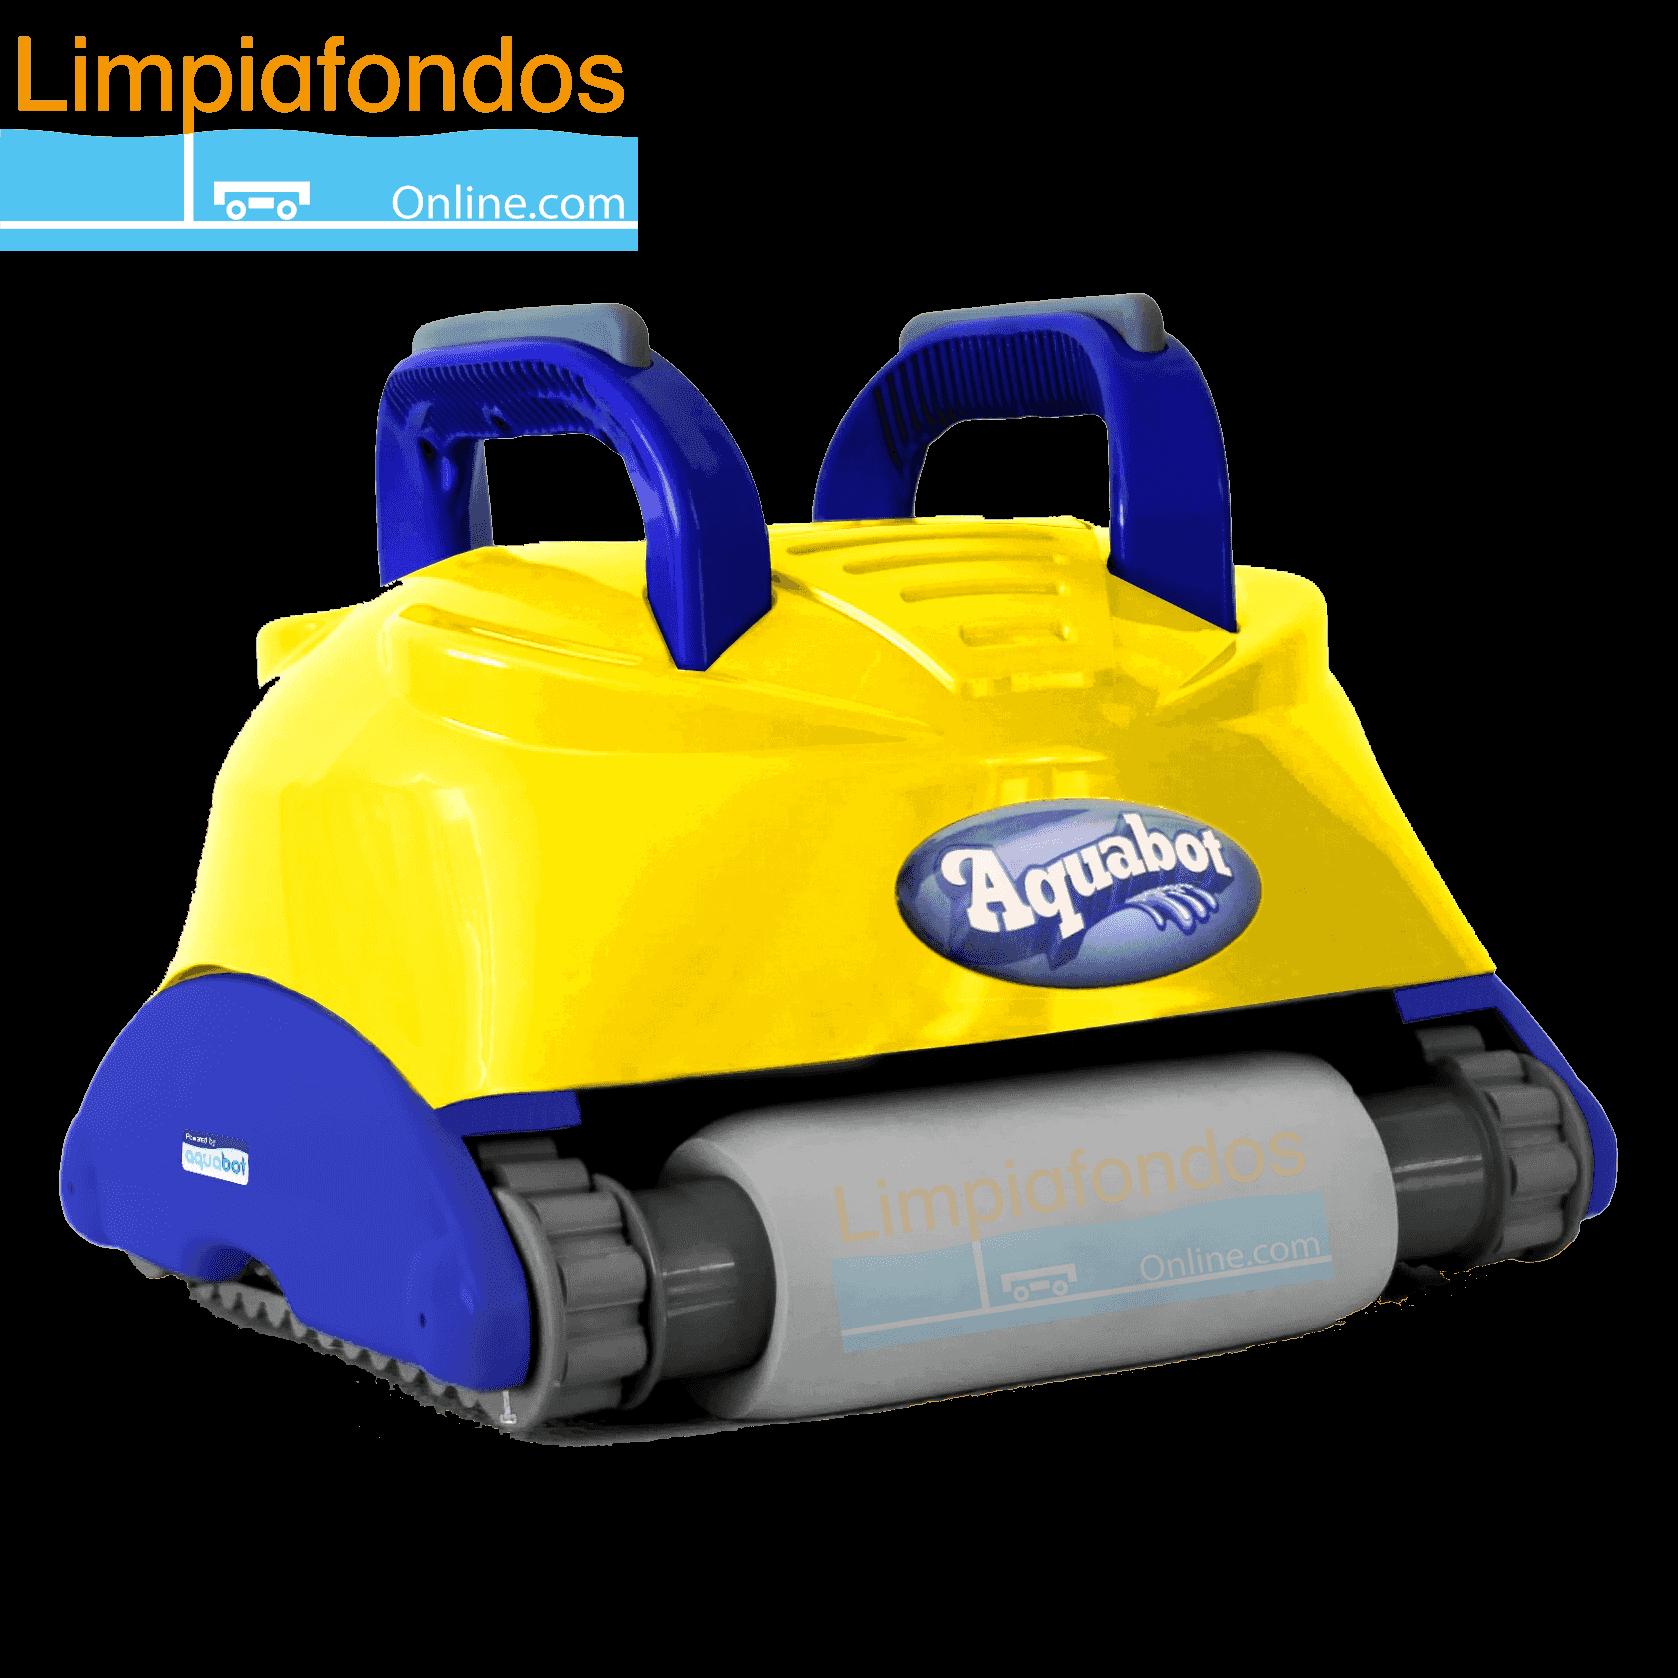 Limpiafondos Aquabot Neptuno Limpiafondos De Piscinas: limpiafondos para piscinas